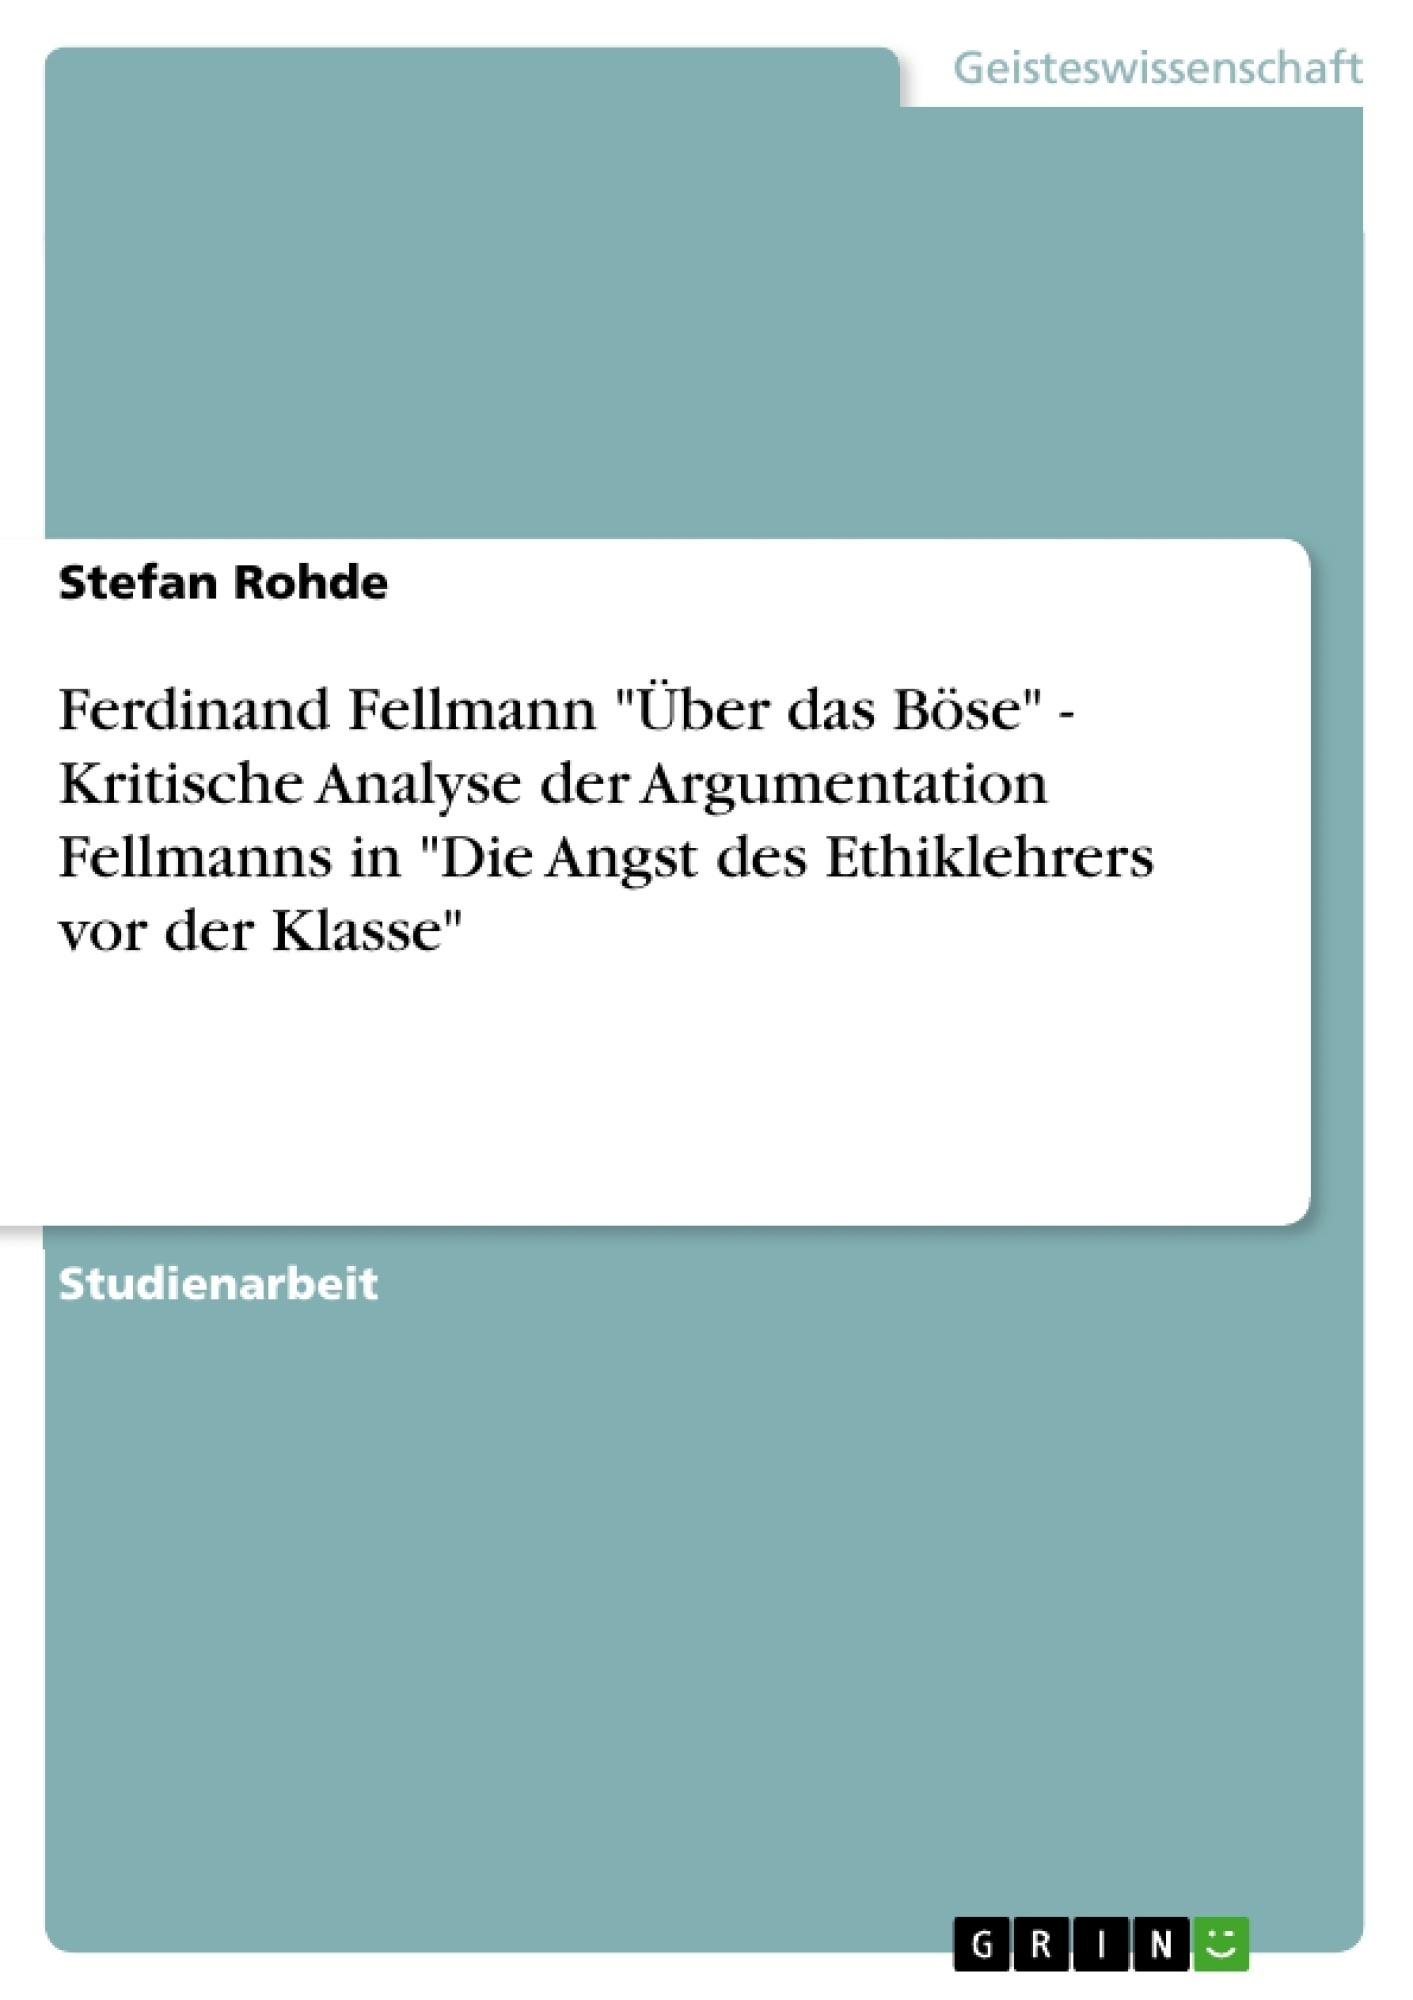 """Titel: Ferdinand Fellmann """"Über das Böse"""" - Kritische Analyse der Argumentation Fellmanns in """"Die Angst des Ethiklehrers vor der Klasse"""""""